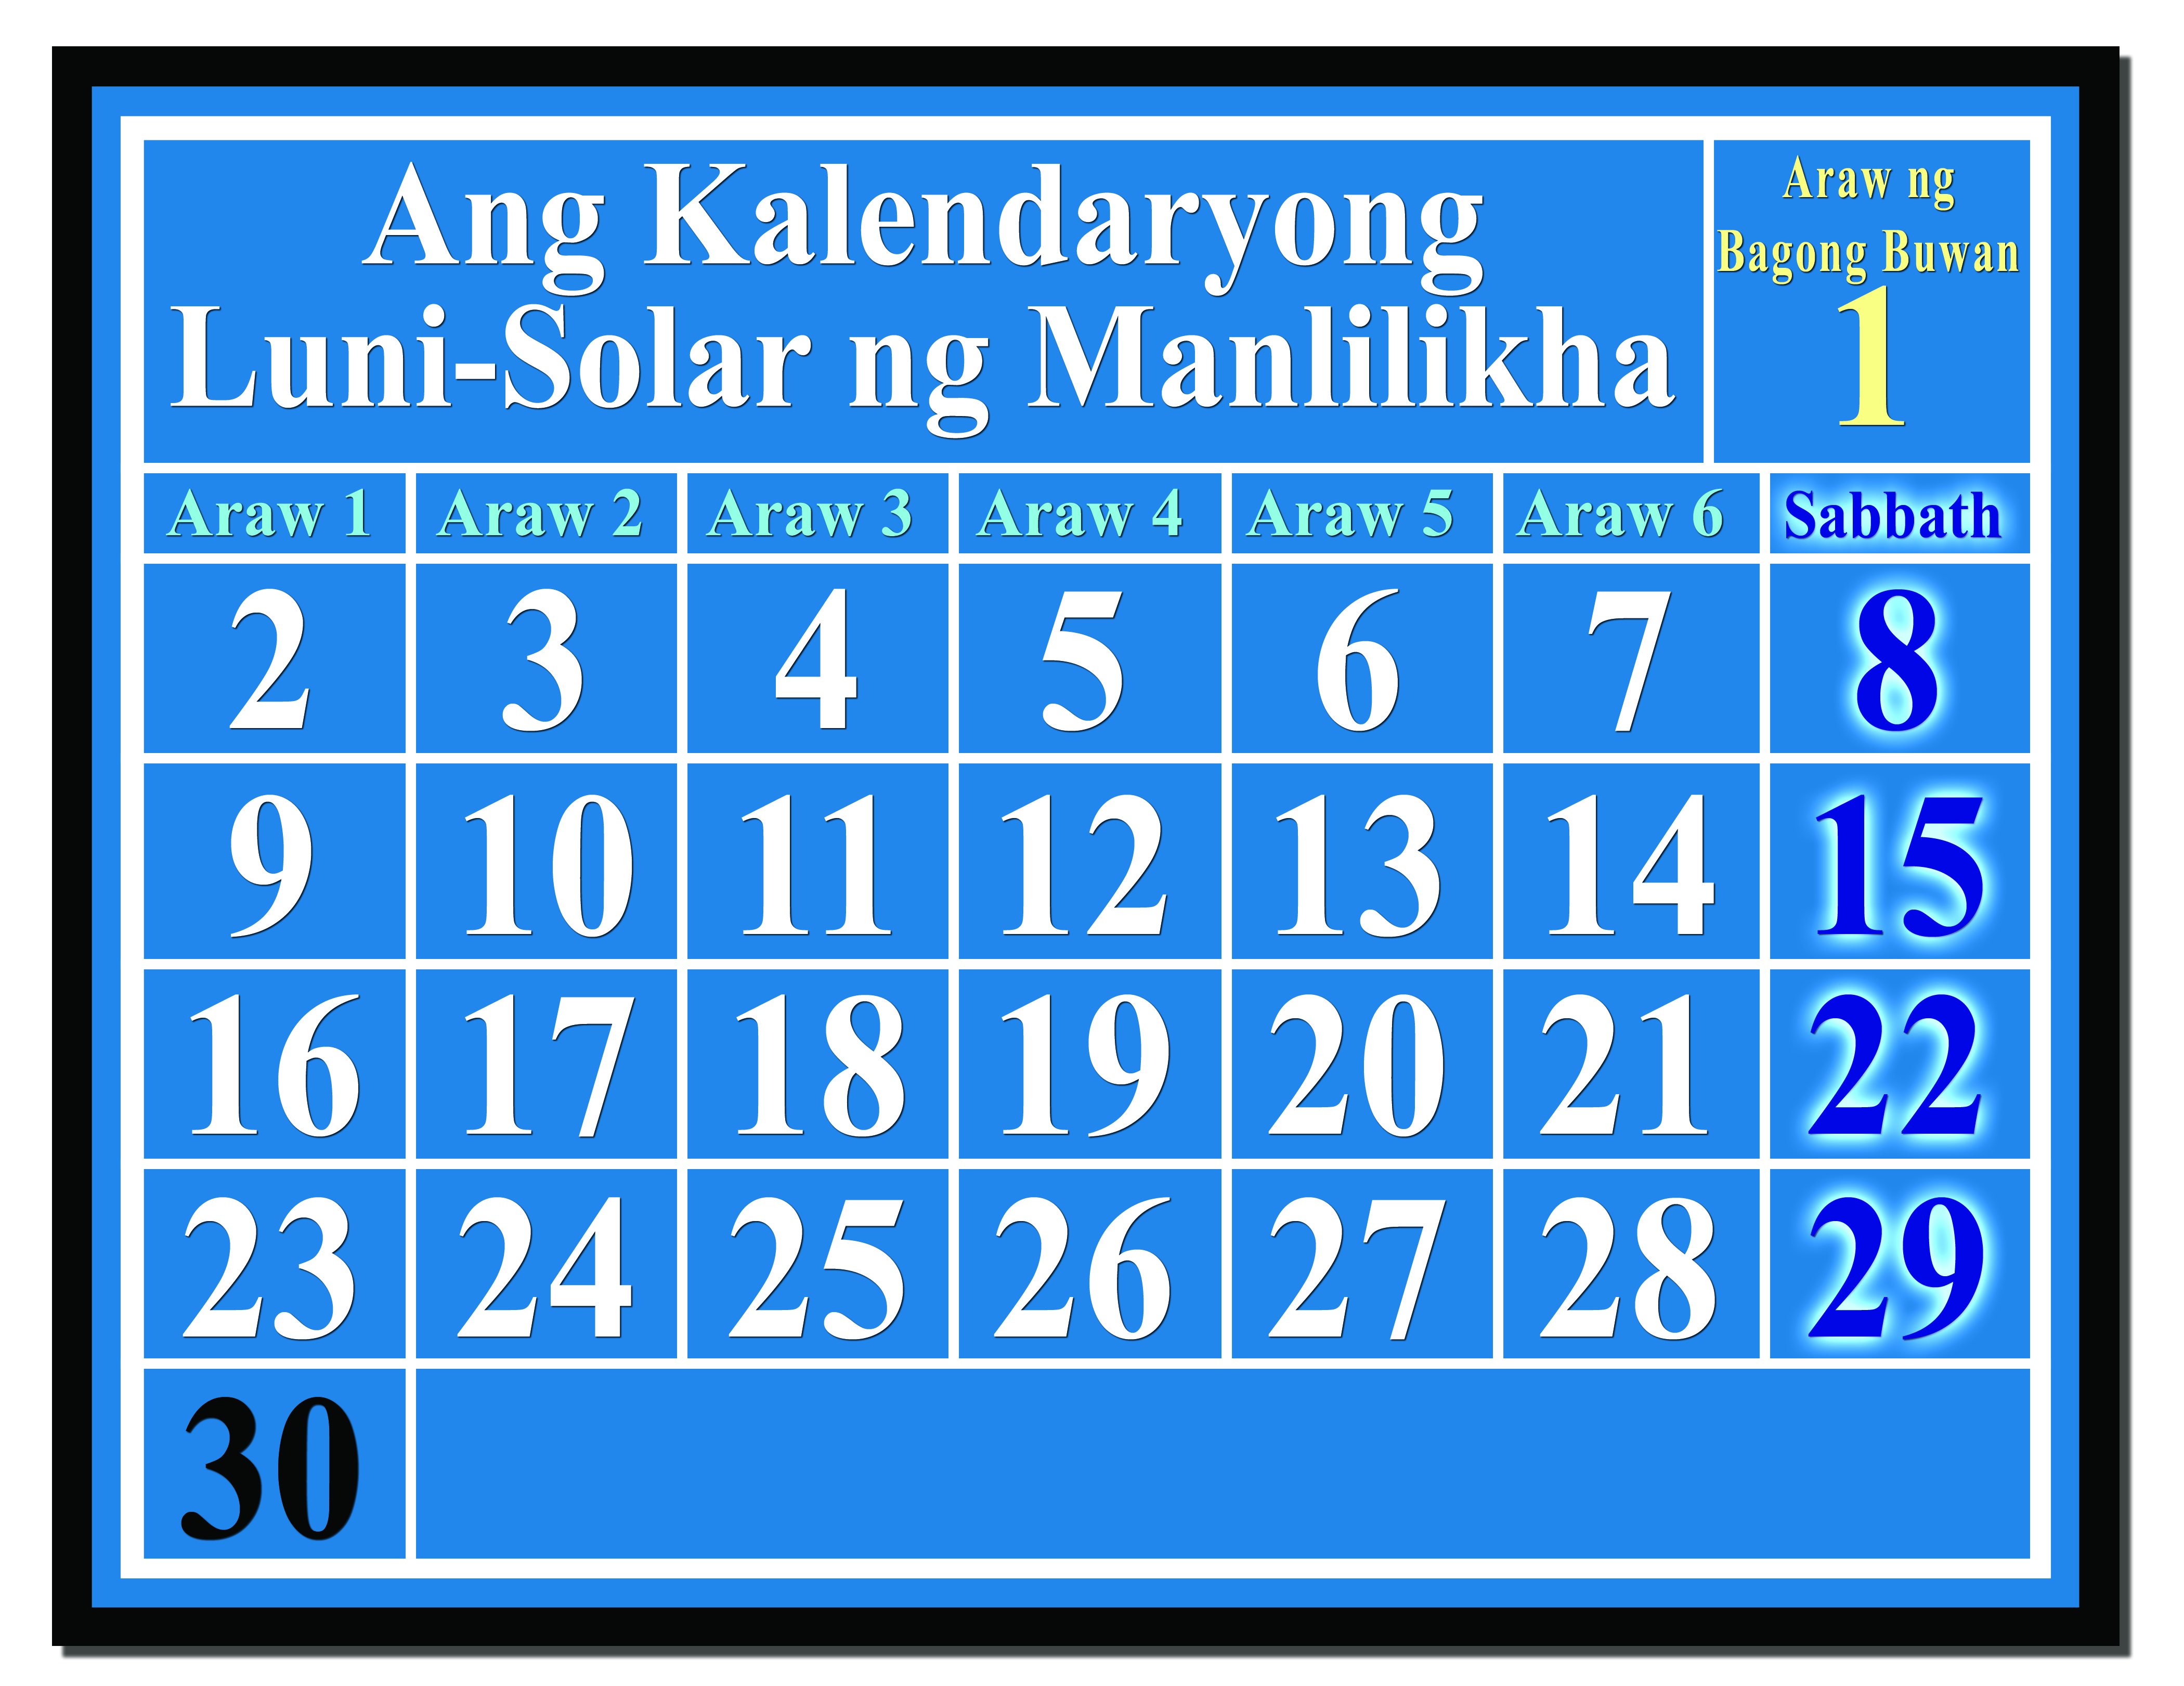 kalendaryong luni-solar, ipinapakita ang mga Sabbath sa ika-8, ika-15, ika-22, at ika-29 na araw ng buwan